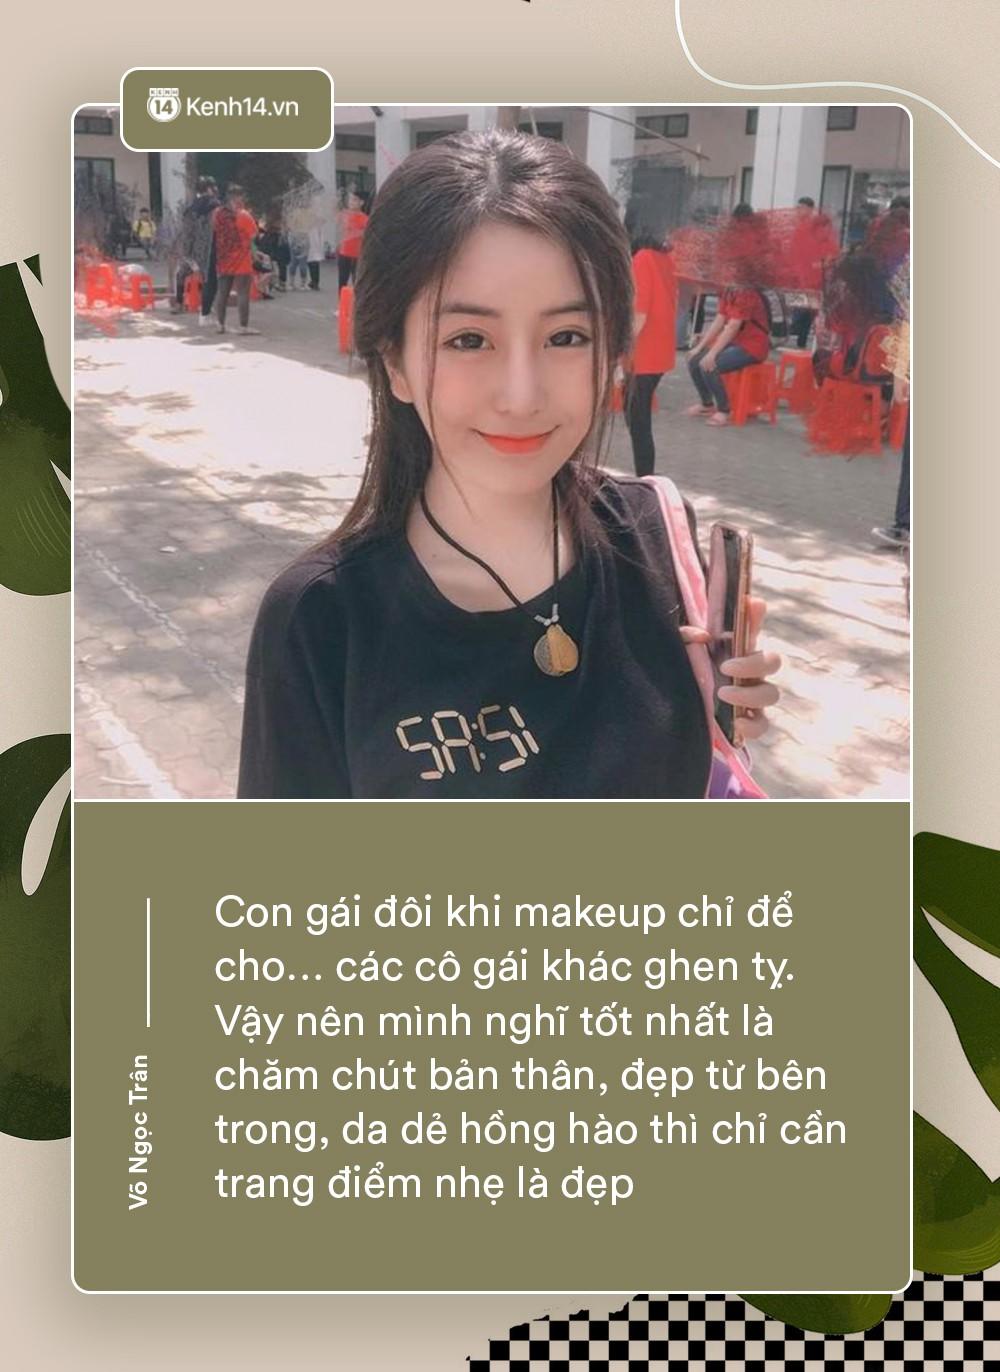 Võ Ngọc Trân - nữ sinh cấp 3 đang hot nhất Sài Gòn: Không cần người đẹp trai và quá giàu có, vì mình có thể kiếm được tiền - Ảnh 8.